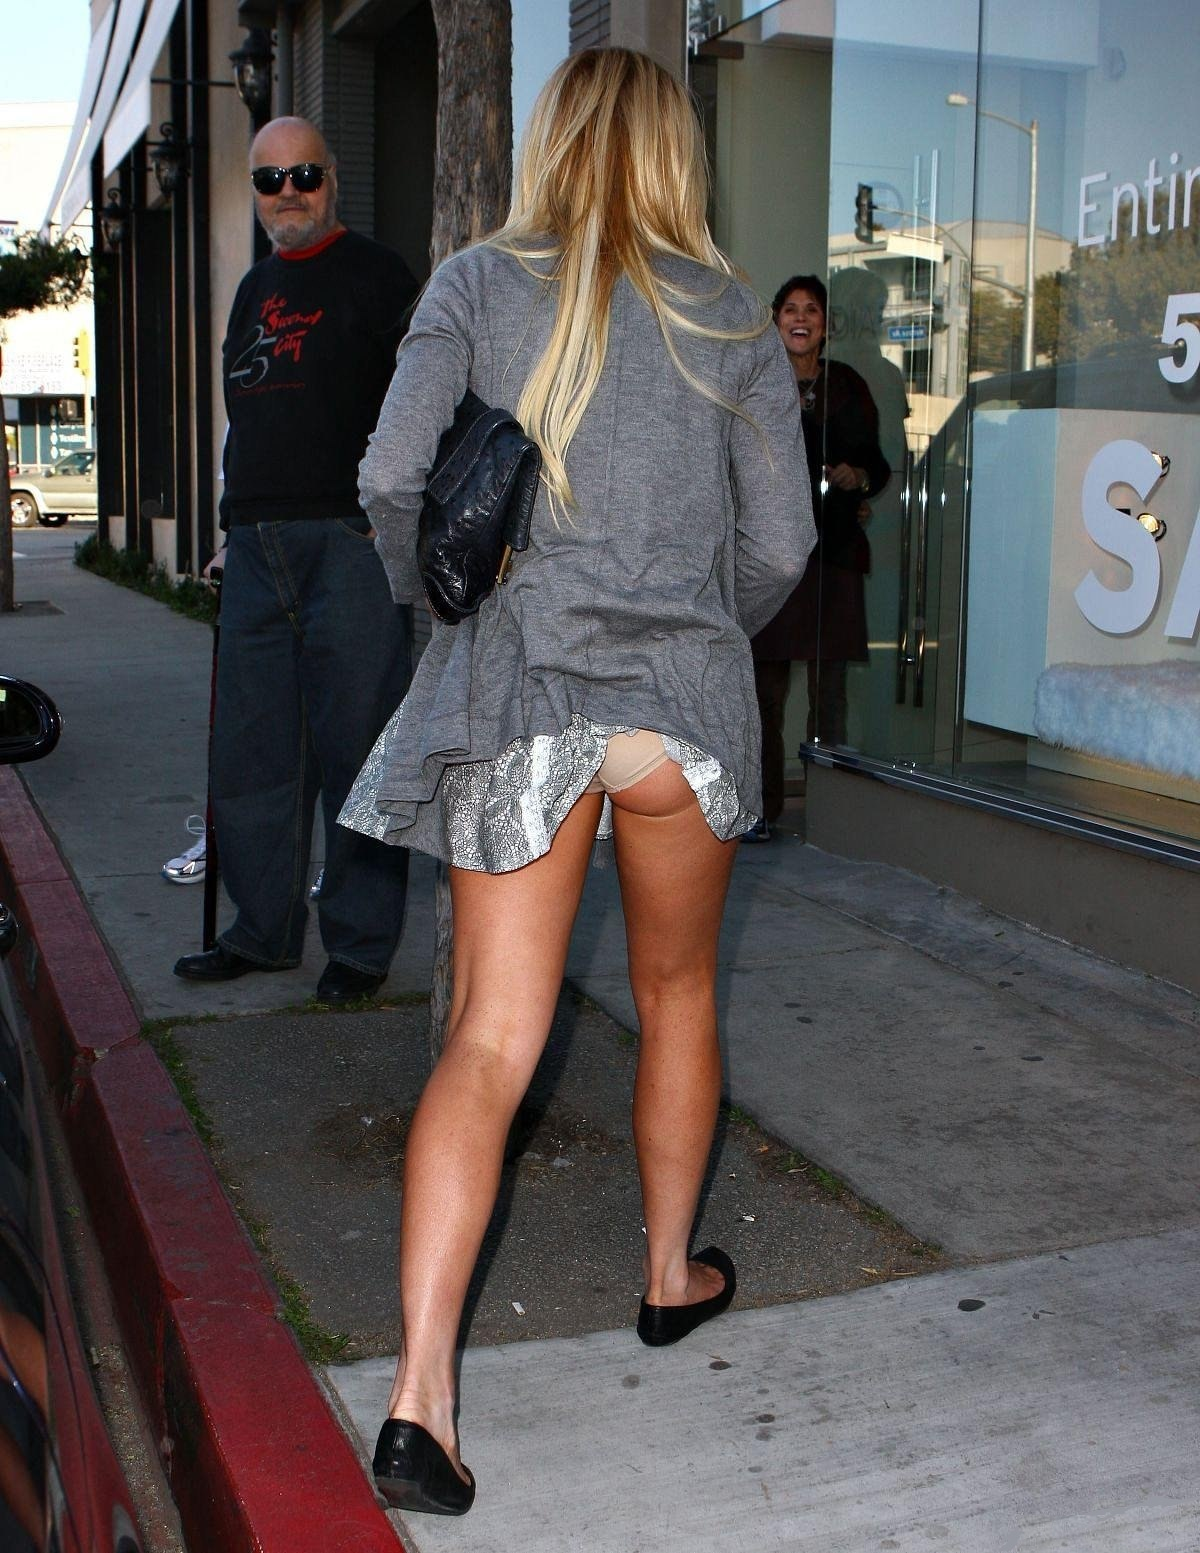 Юля снимает мини юбку 11 фотография